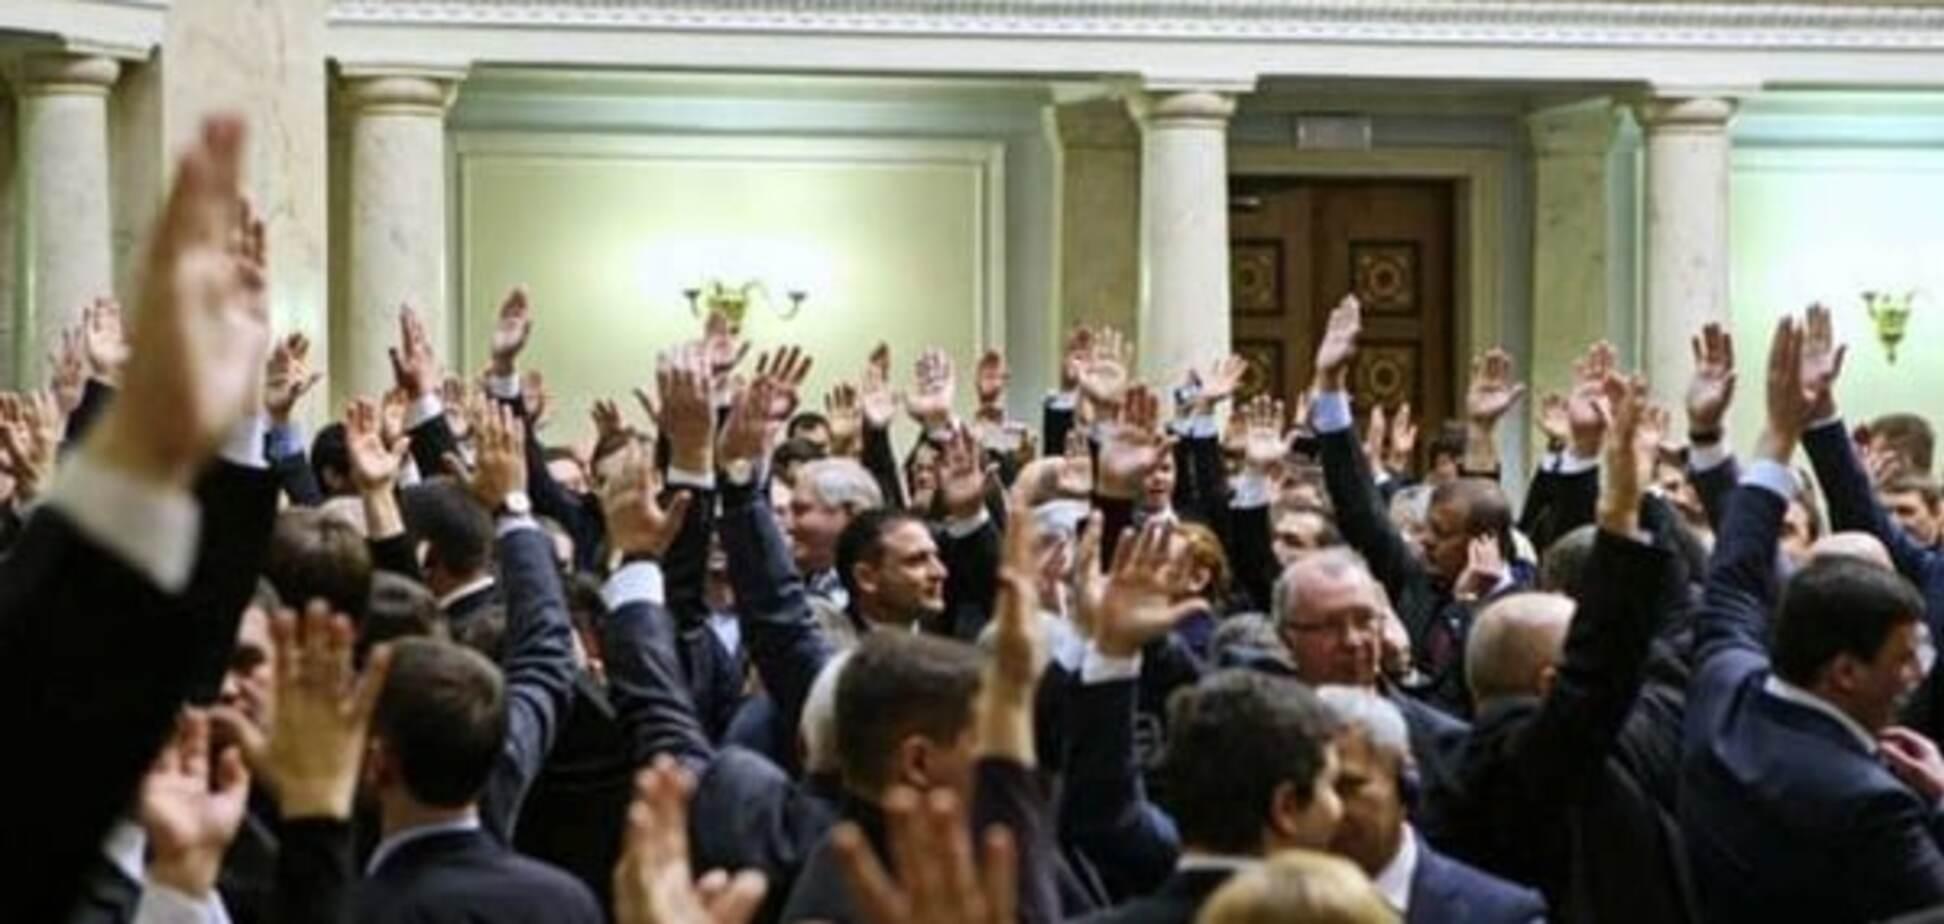 'Диктаторские законы': суд обязал ГПУ открыть 'замятое' дело против экс-спикера Рады Рыбака